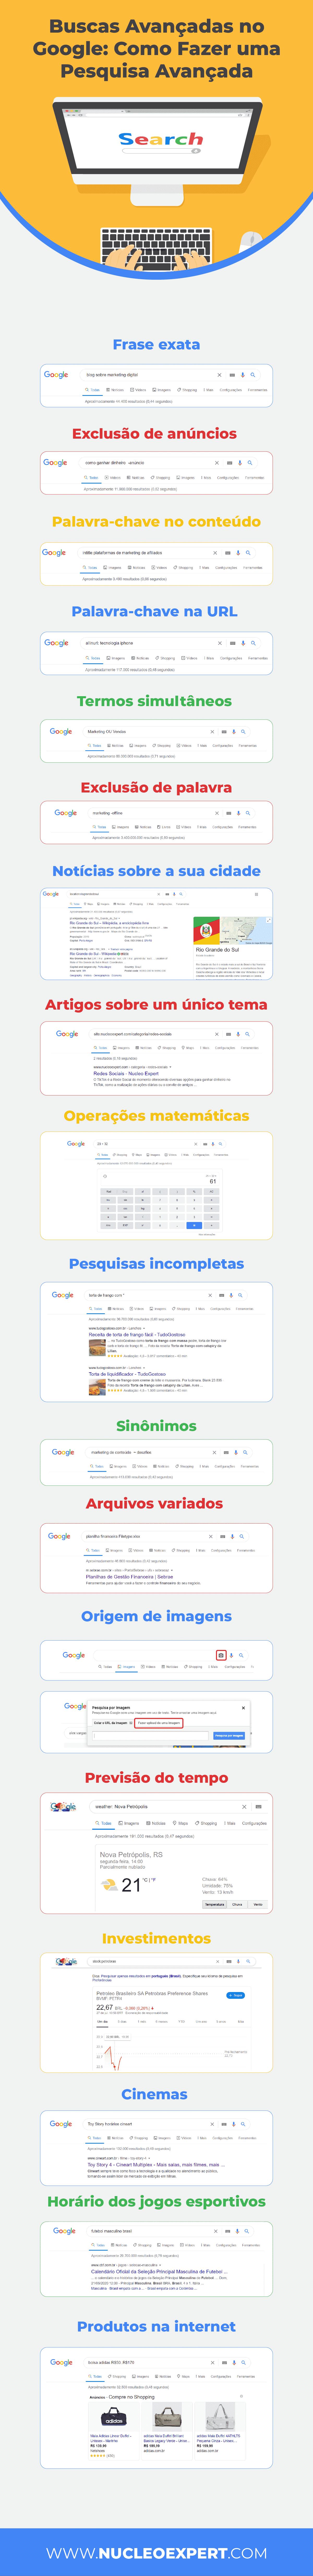 Infográfico |  Como fazer Buscas avançadas no Google